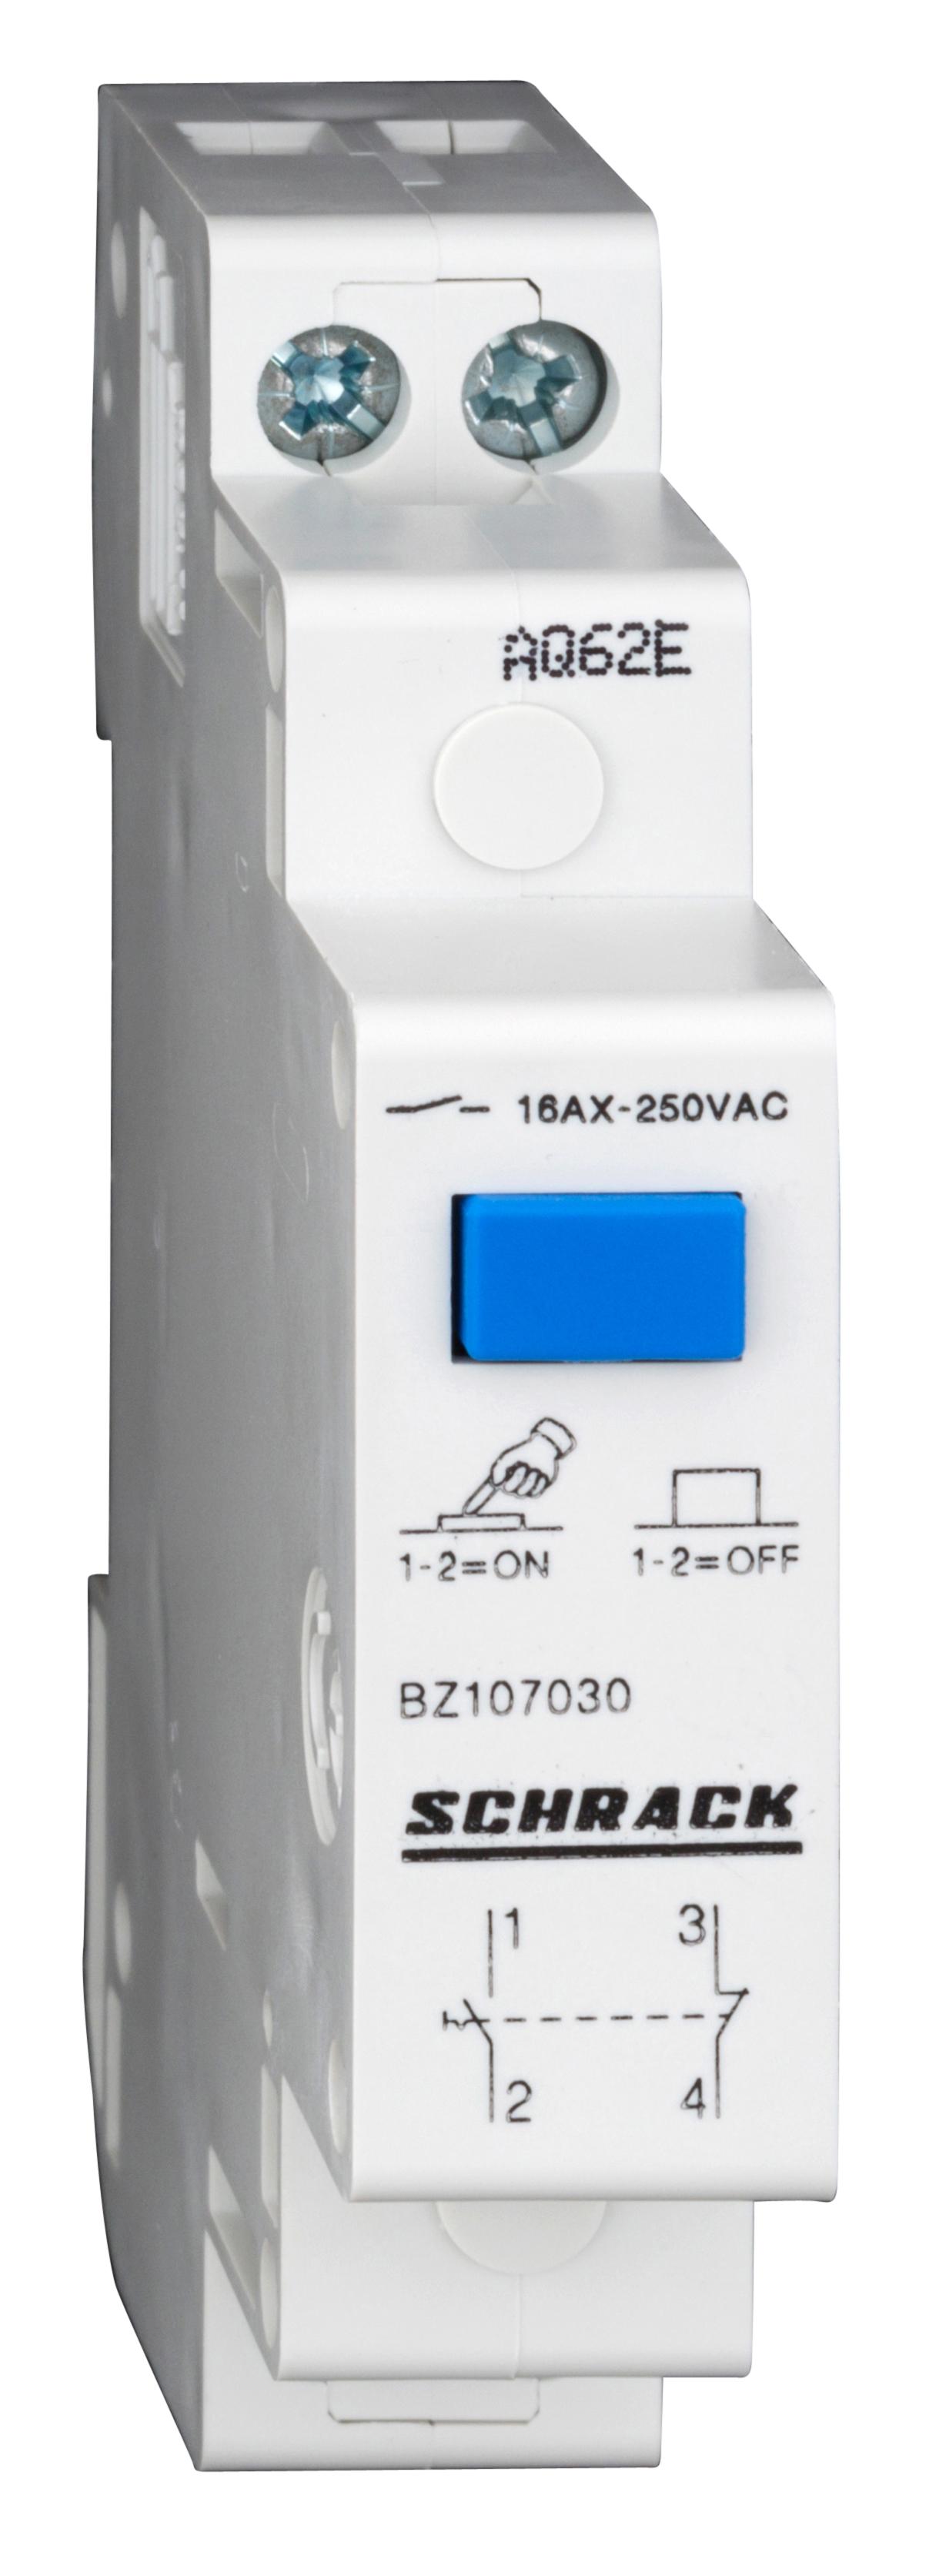 1 Stk Reiheneinbau-Schalter mit Druckknopf, 1 S + 1 Ö, 16A BZ107030--